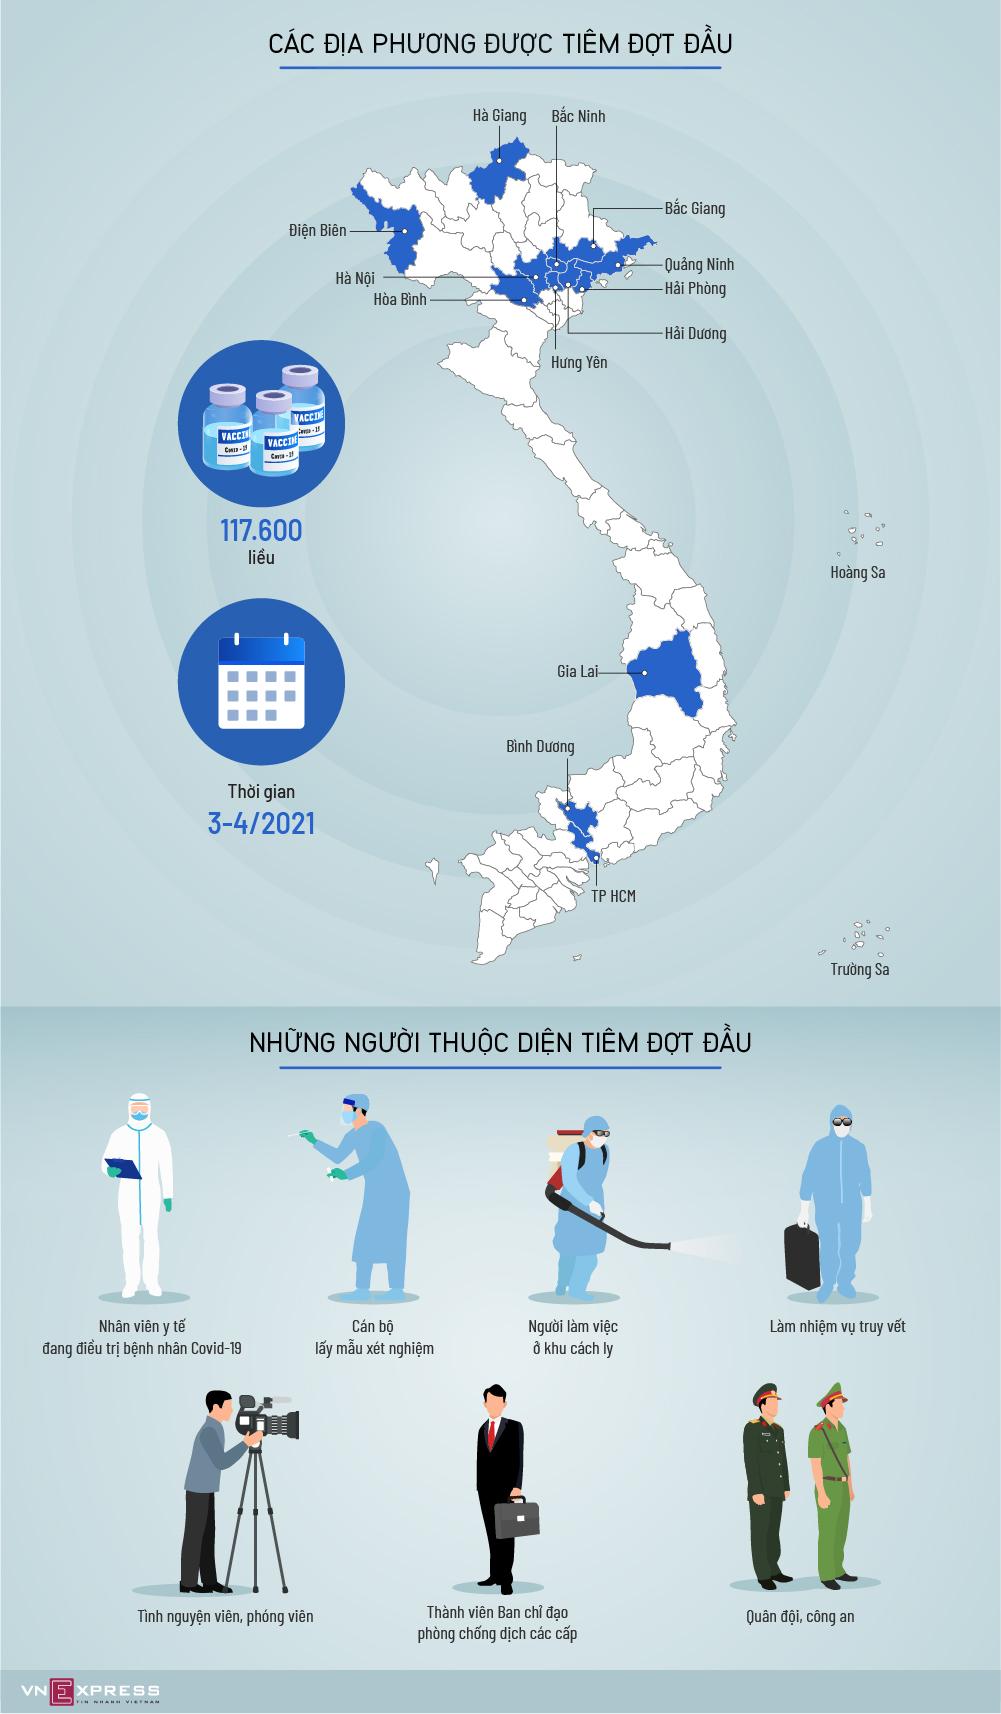 13 tỉnh, thành tiêm vaccine Covid-19 đợt đầu tiên